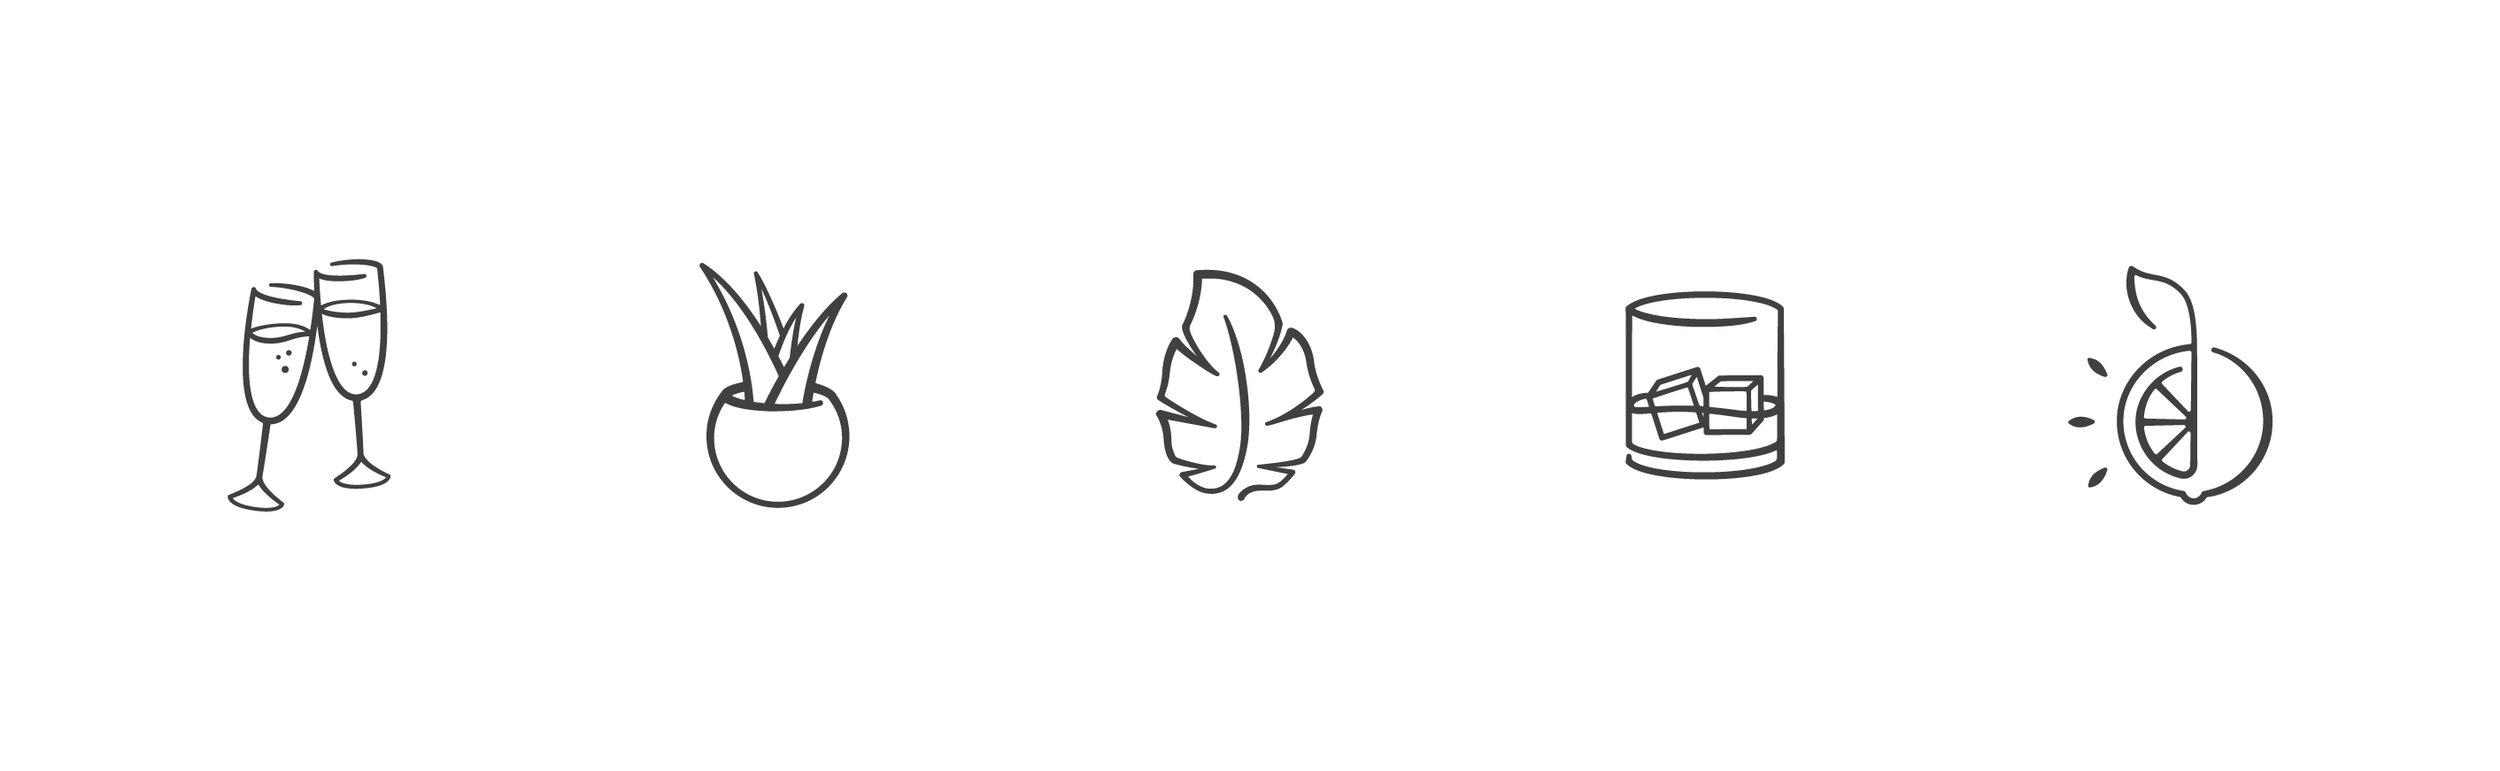 DMotif-icons-01.jpg